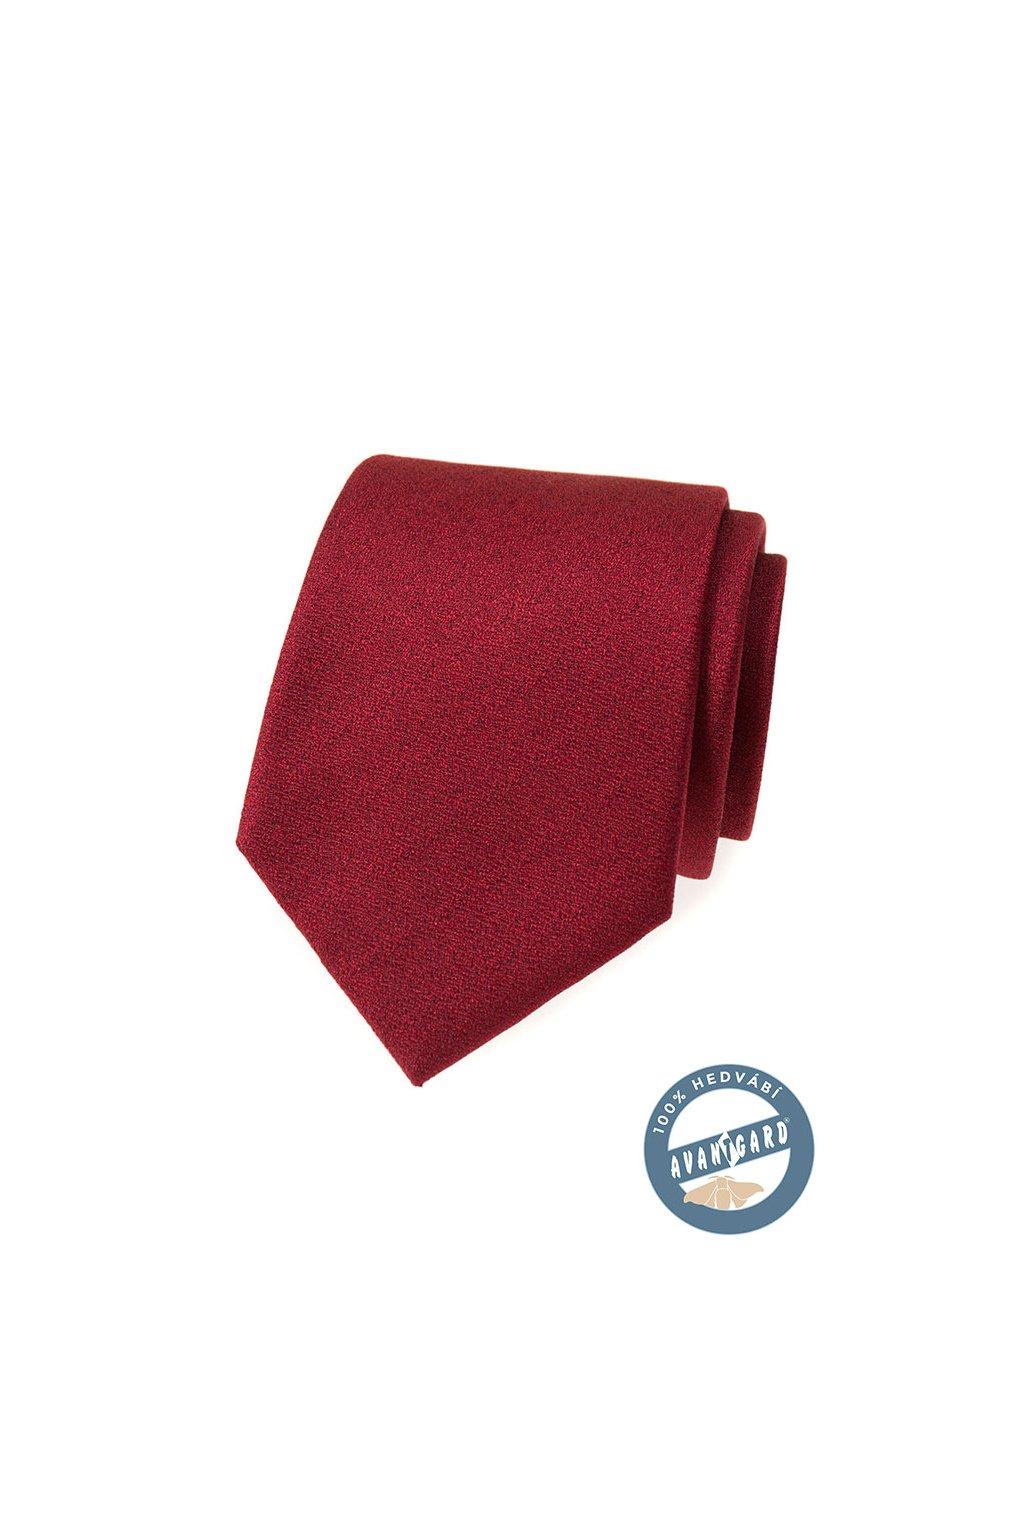 Bordó hedvábná kravata 621 - 7751